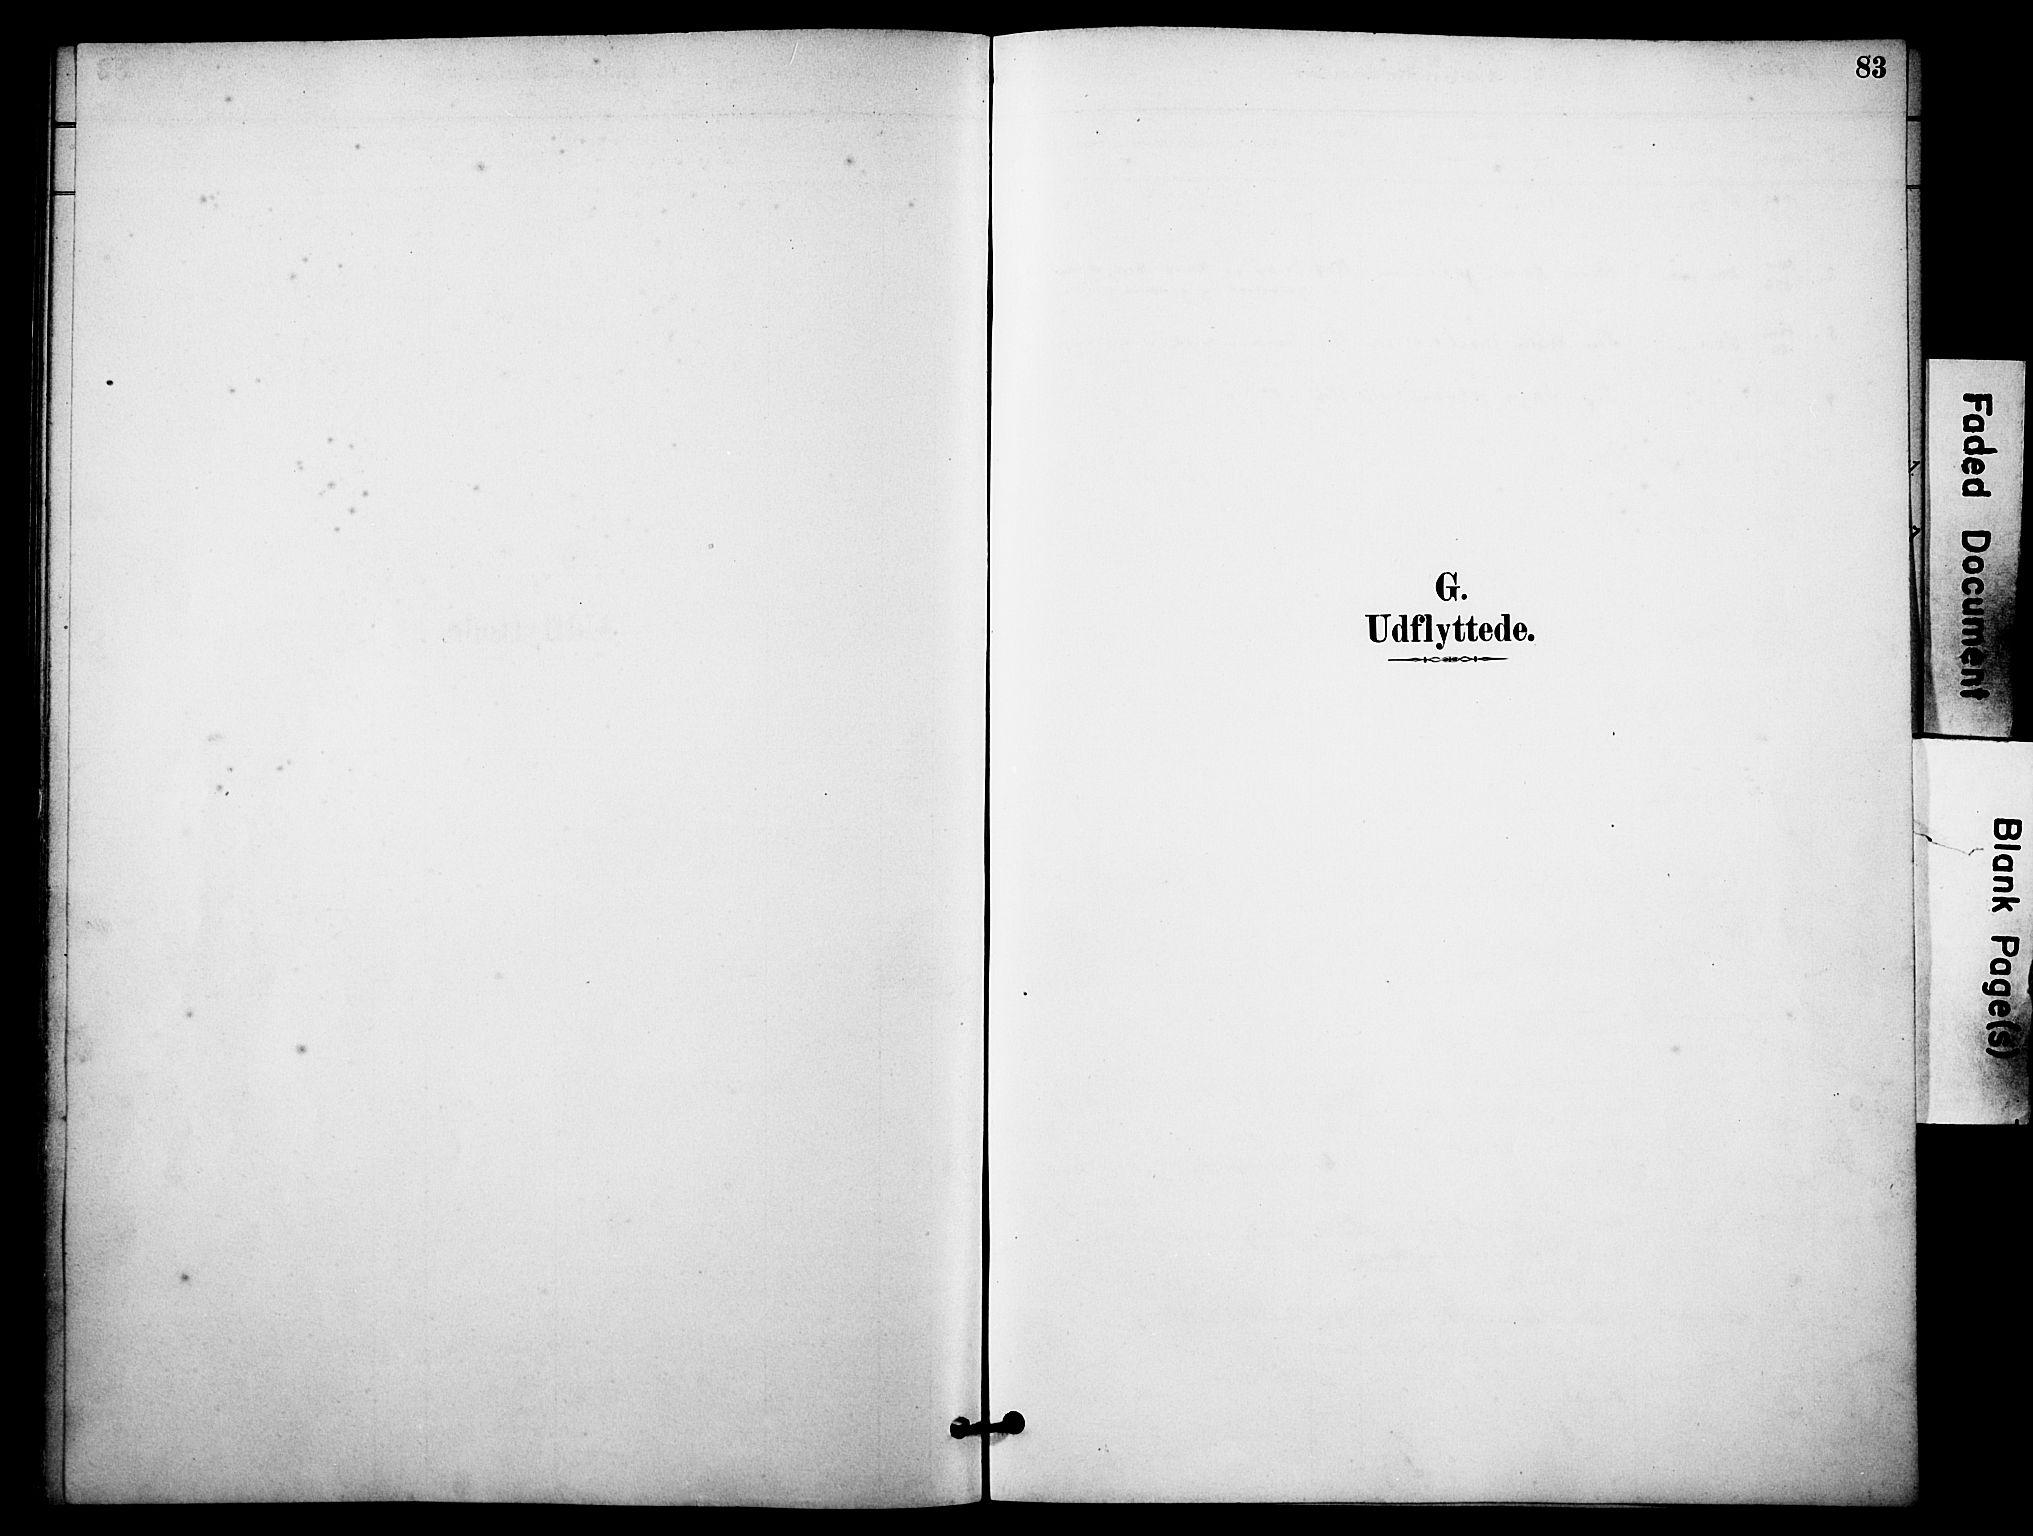 SAKO, Skåtøy kirkebøker, F/Fa/L0004: Ministerialbok nr. I 4, 1884-1900, s. 83